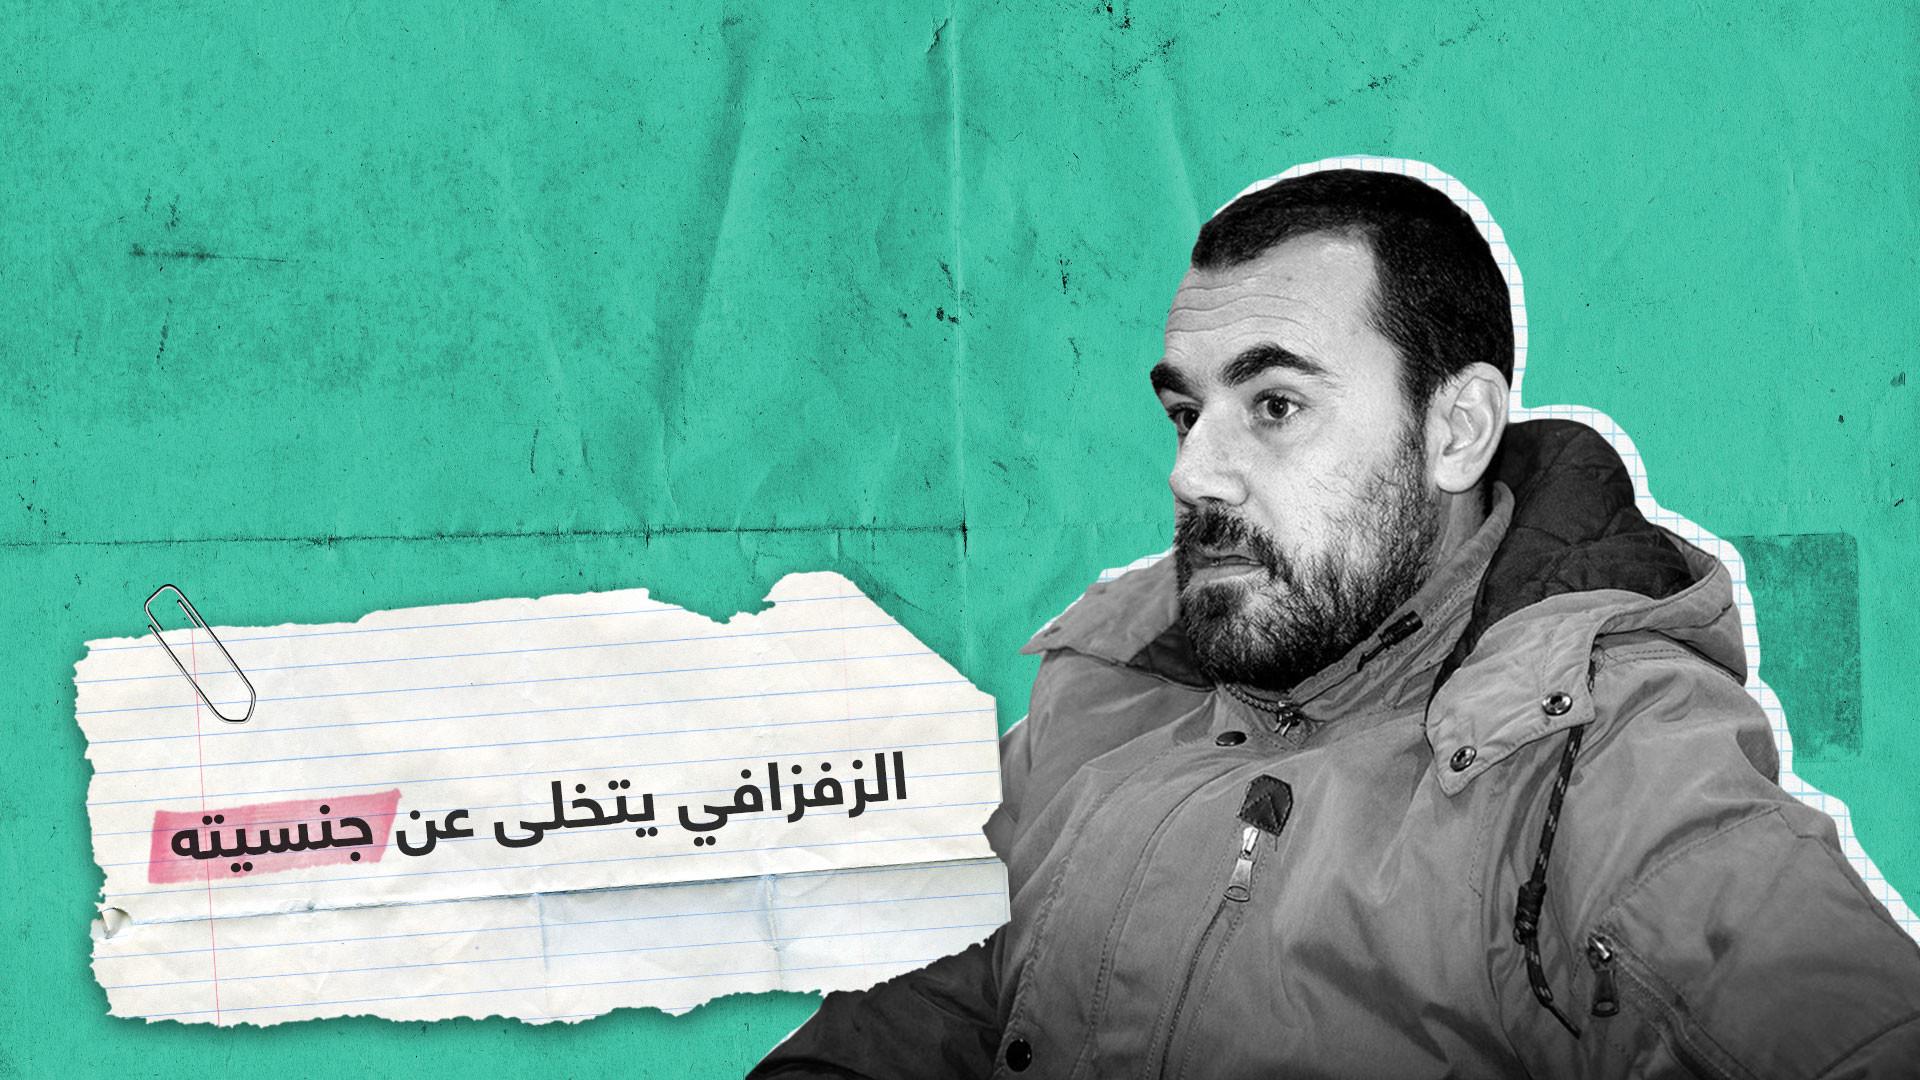 أيقونة حراك الريف يطالب بإسقاط الجنسيته المغربية عنه.. شاهد